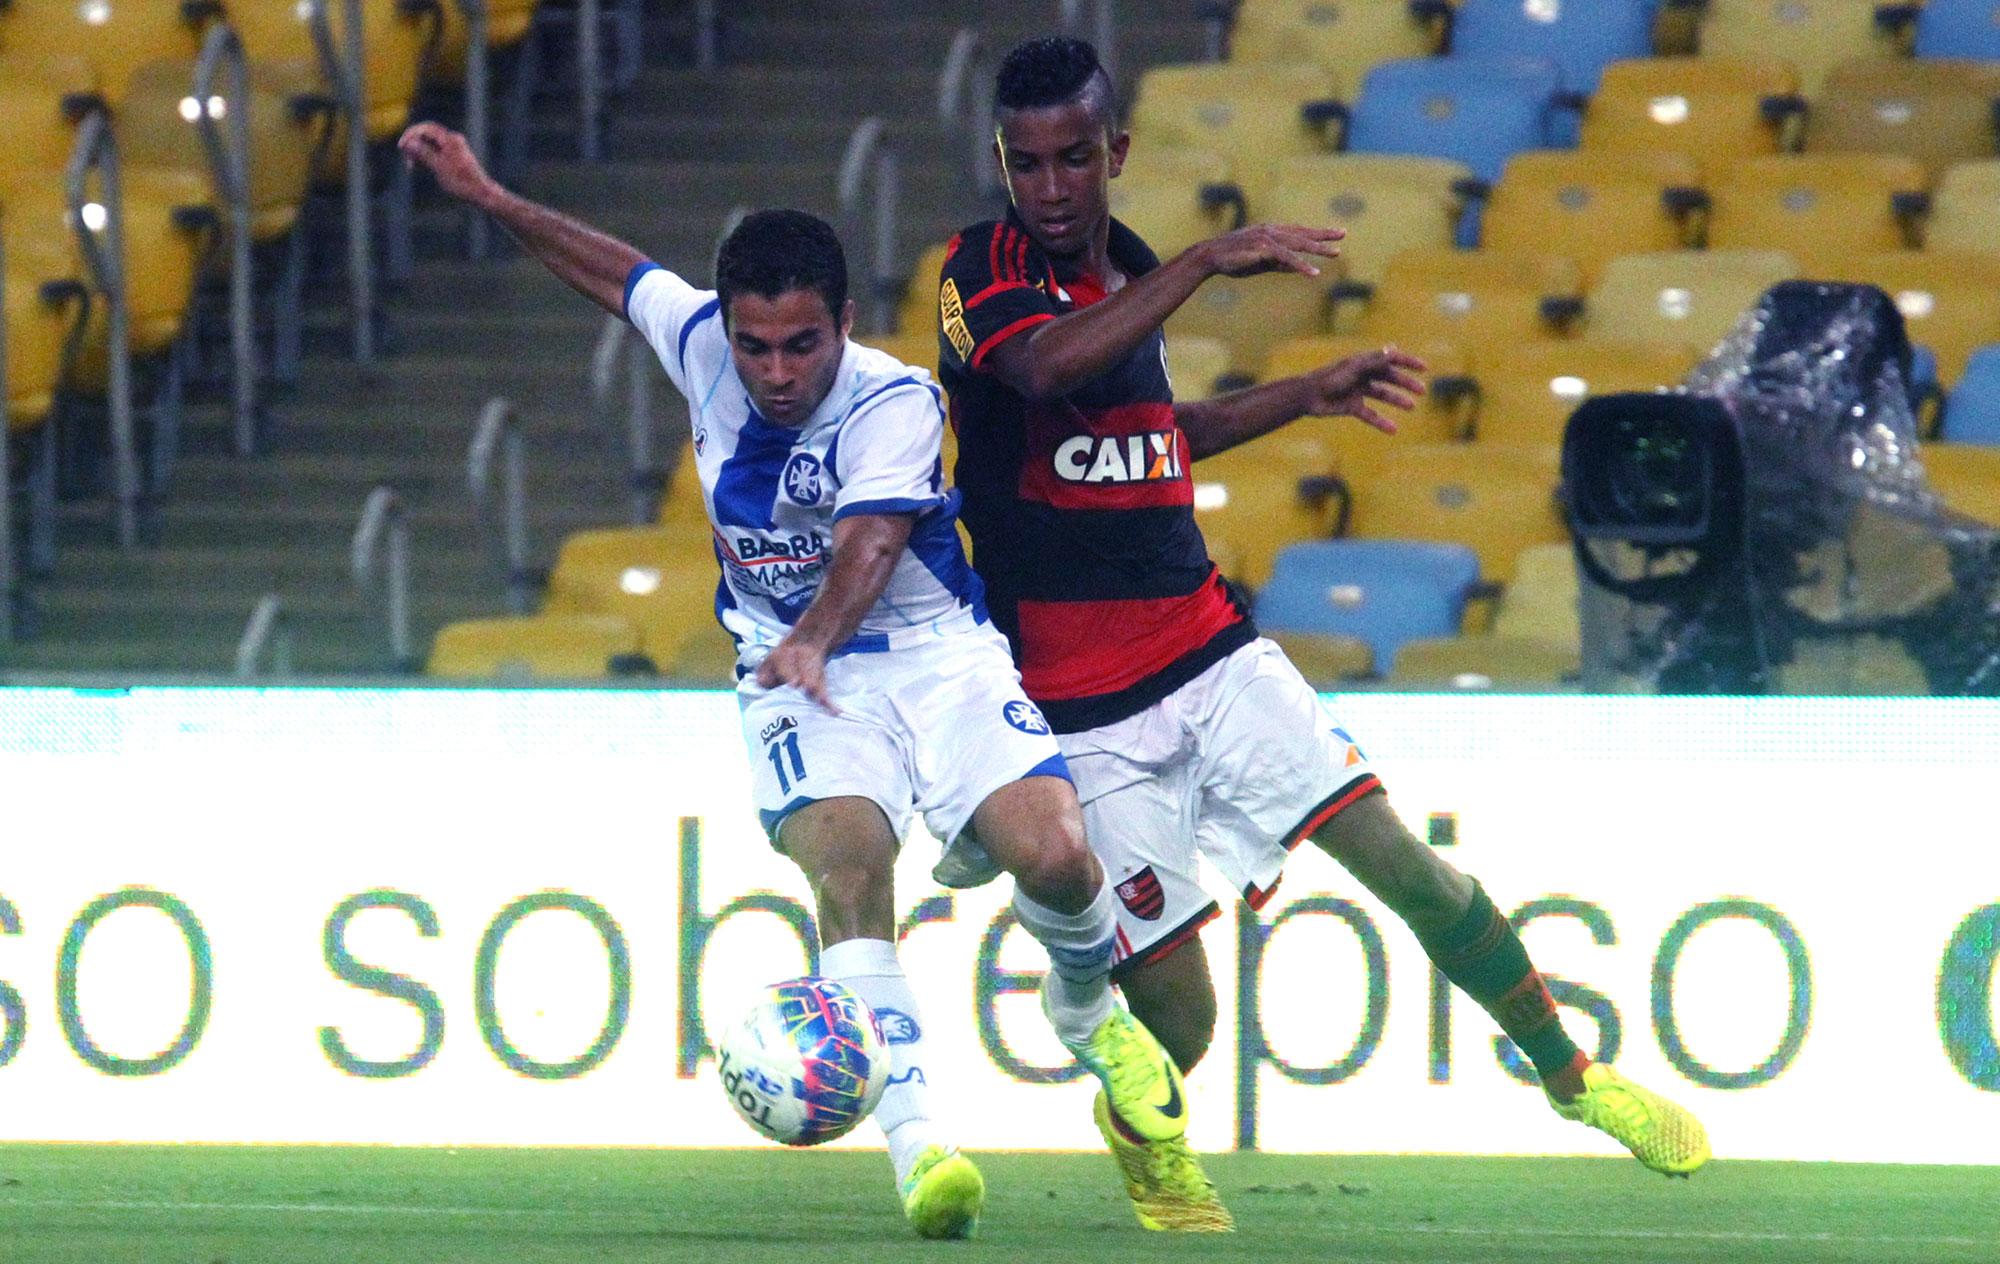 EXCLUSIVO: Depois de ser especulado na It�lia, Jorge garante foco no Flamengo